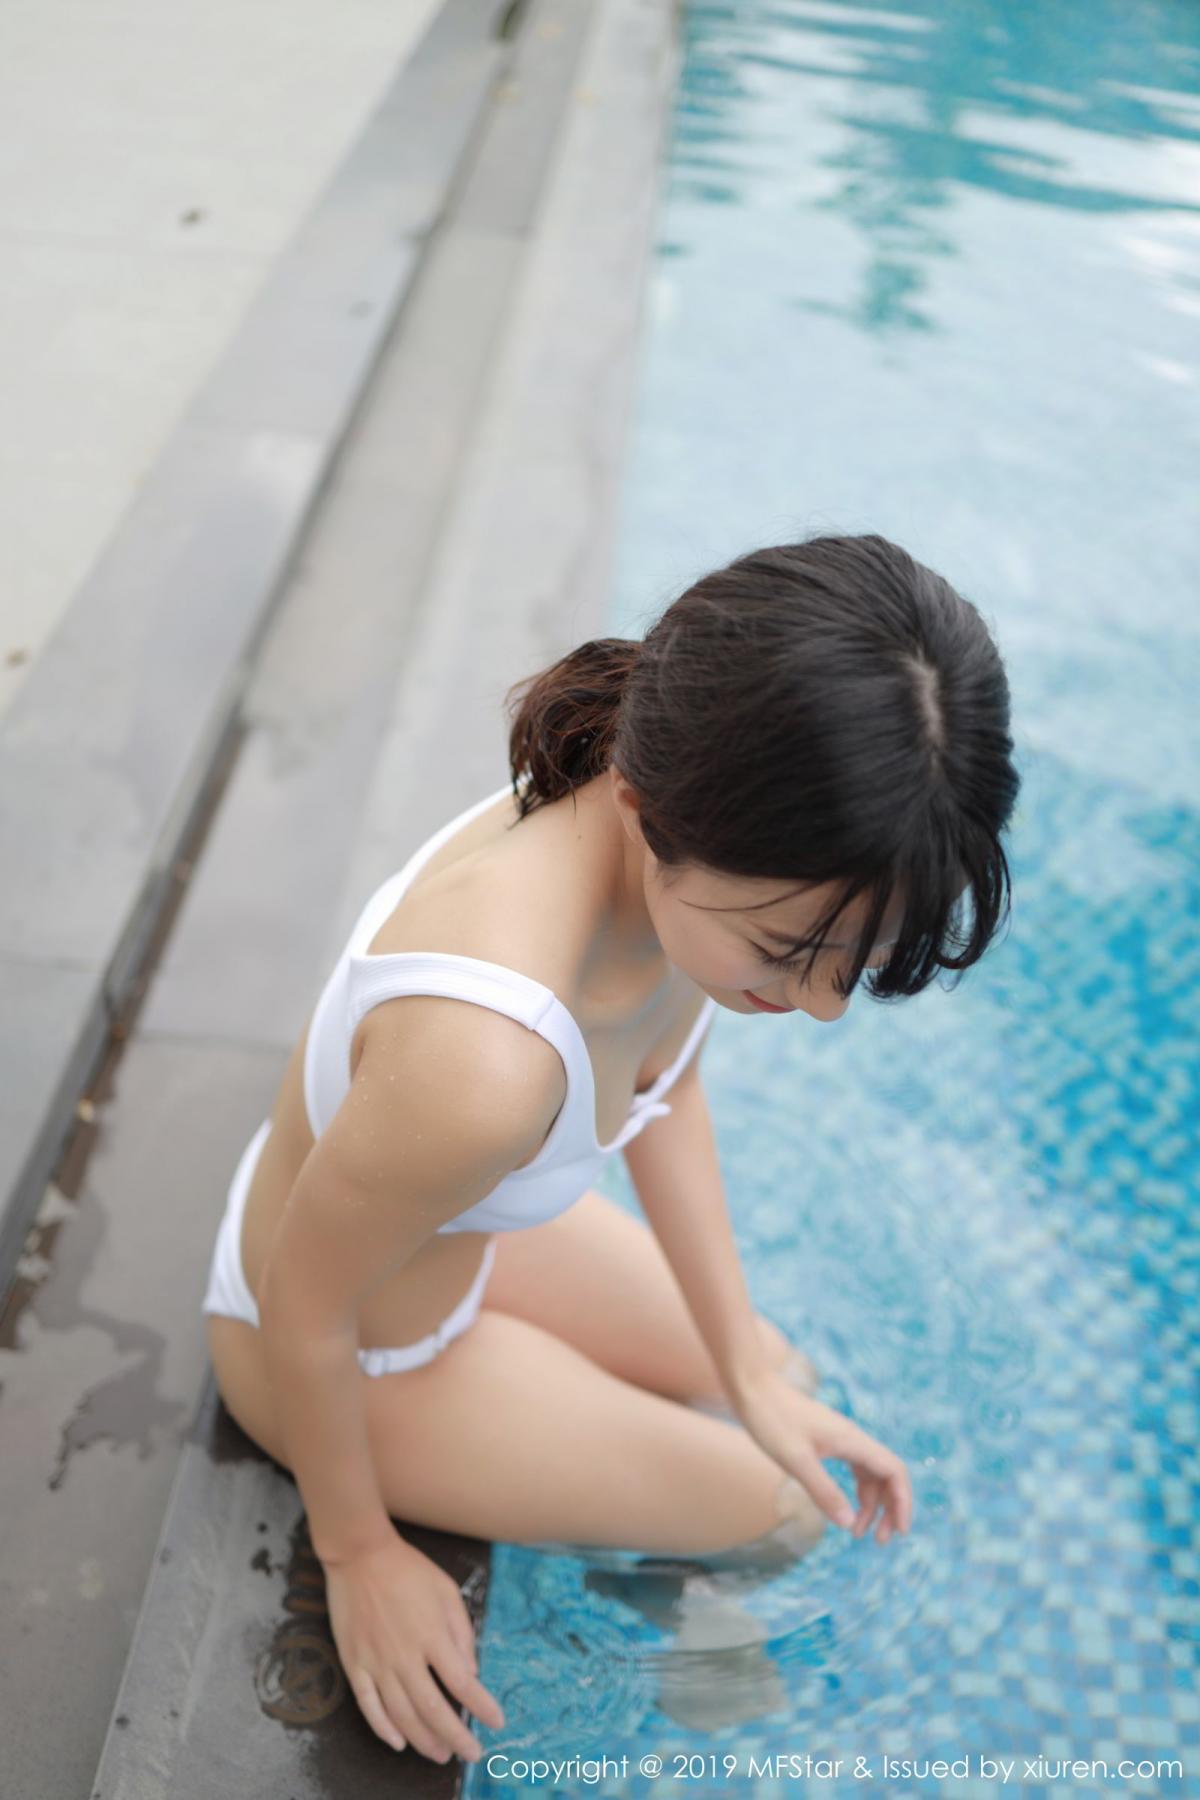 [XiuRen] Vol.214 Cang Jing You Xiang 21P, Bikini, Cang Jing You Xiang, Swim Pool, Xiuren